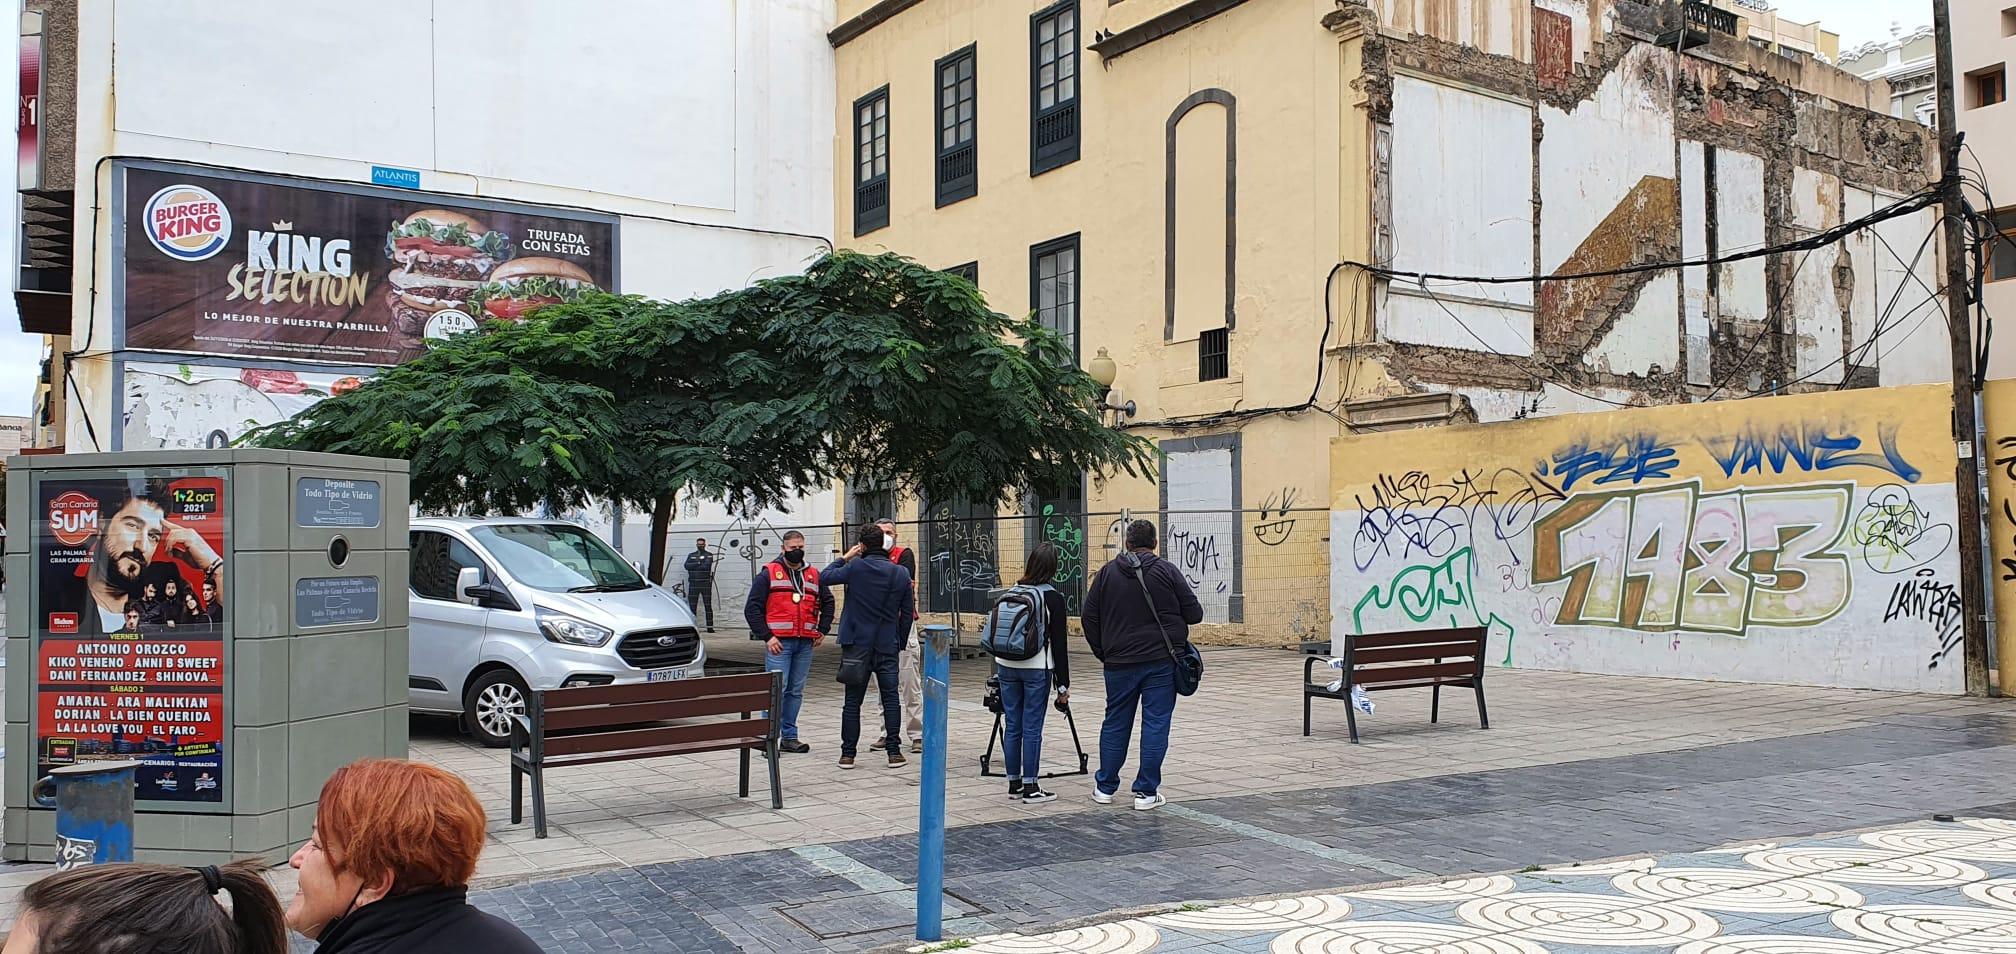 Desalojo de okupas en Las Palmas de Gran Canaria / CanariasNoticias.es